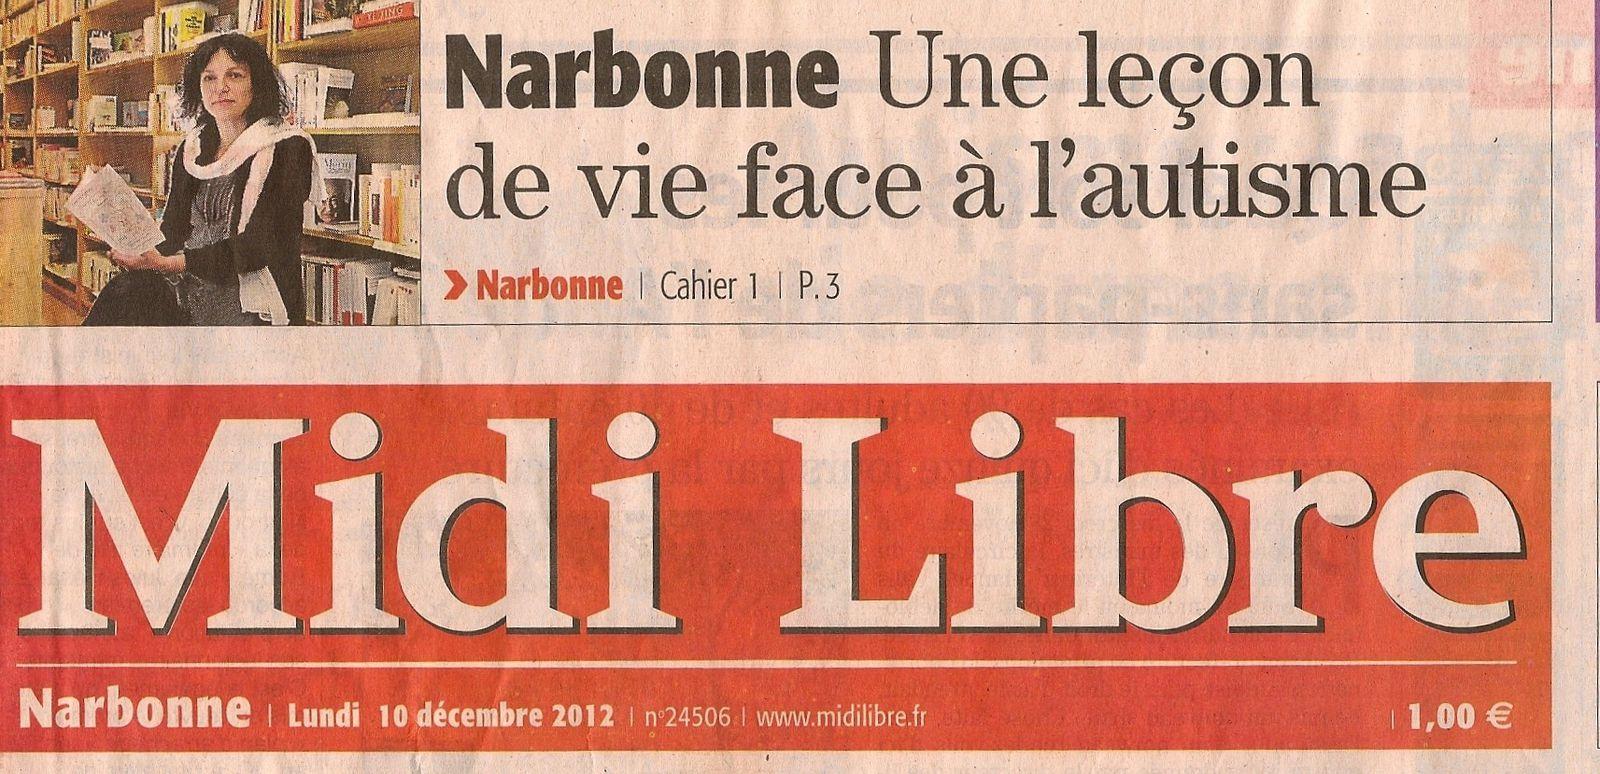 Article du Midi libre - Photo prise à la librairie Libellis, rue droite à Narbonne